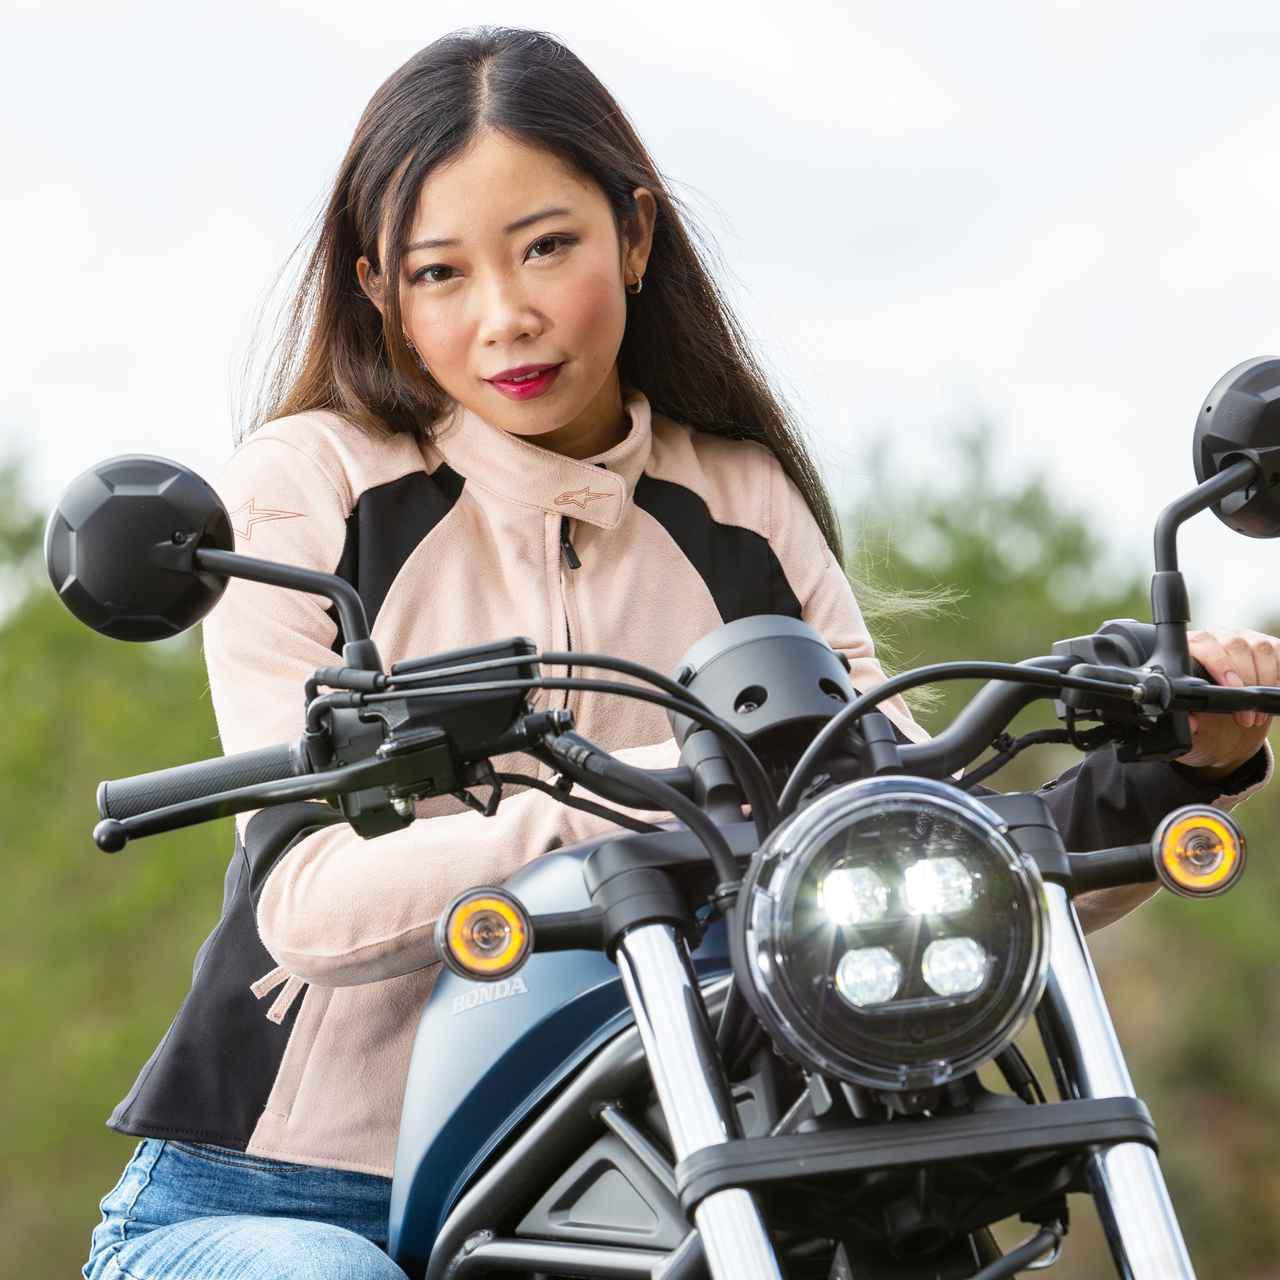 画像: 木川田ステラ × レブル250【オートバイ女子部のフォトアルバム】 - webオートバイ